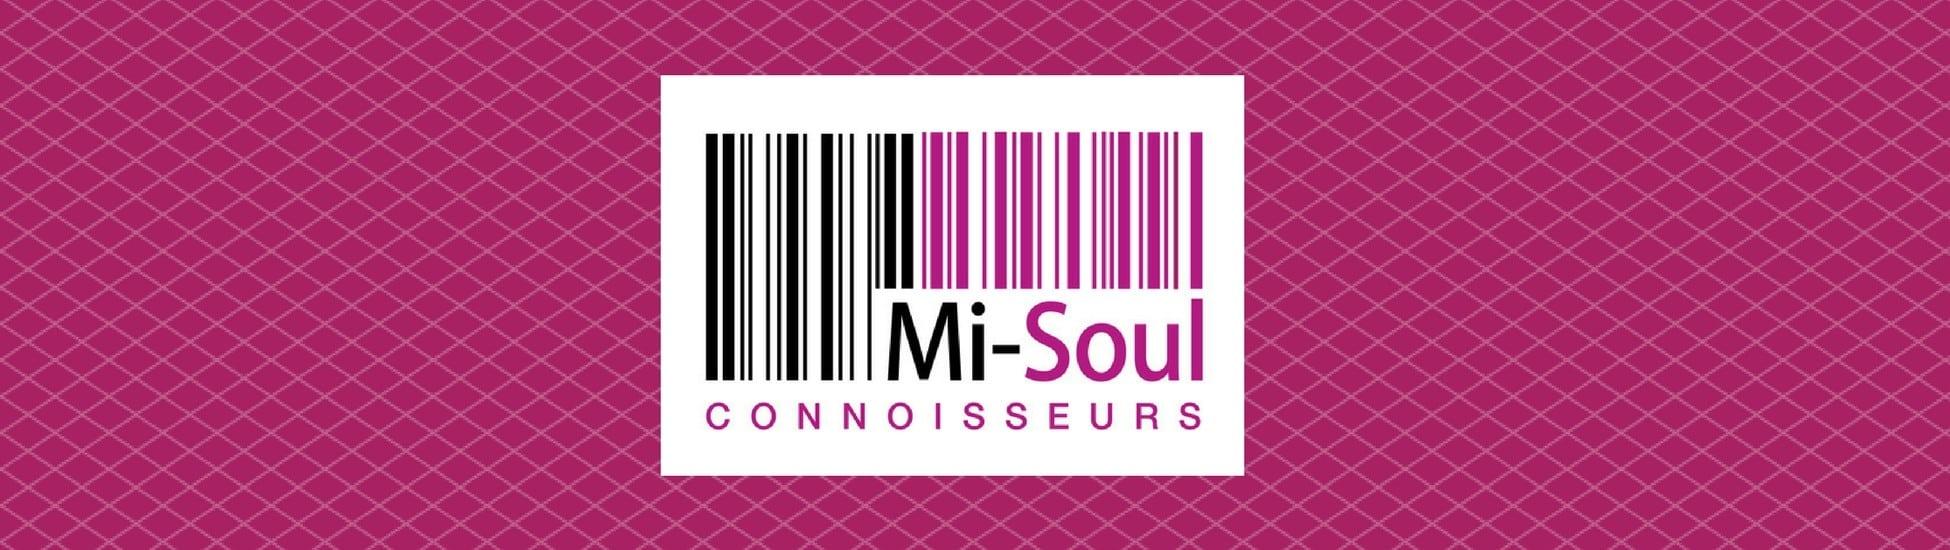 Mi-Soul Connoisseurs Banner